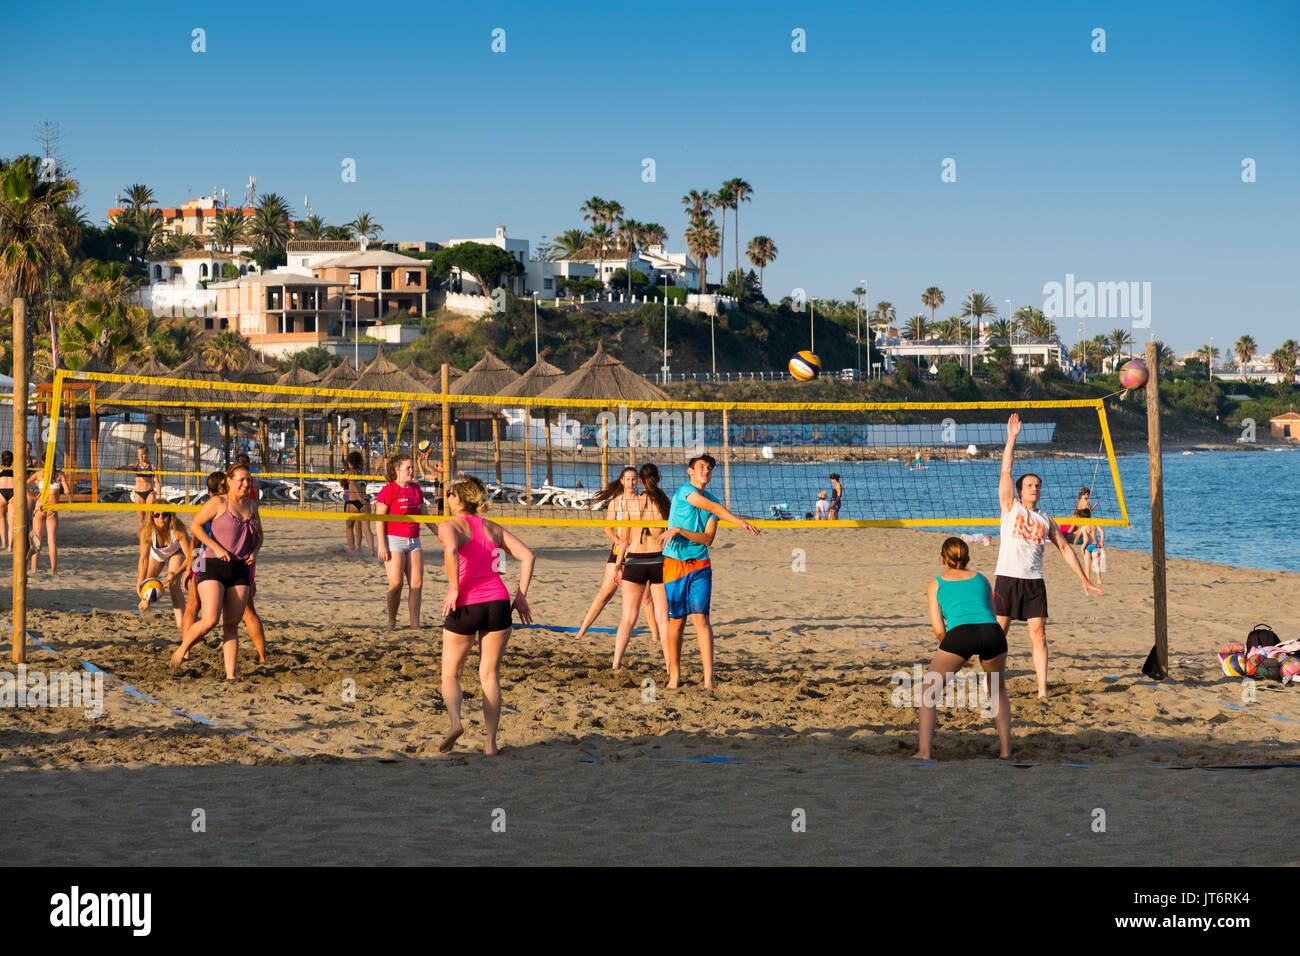 Jugar al voleibol en la playa, La Cala de Mijas. Costa del Sol, provincia de Málaga. Andalucía, al sur de España Europa Imagen De Stock